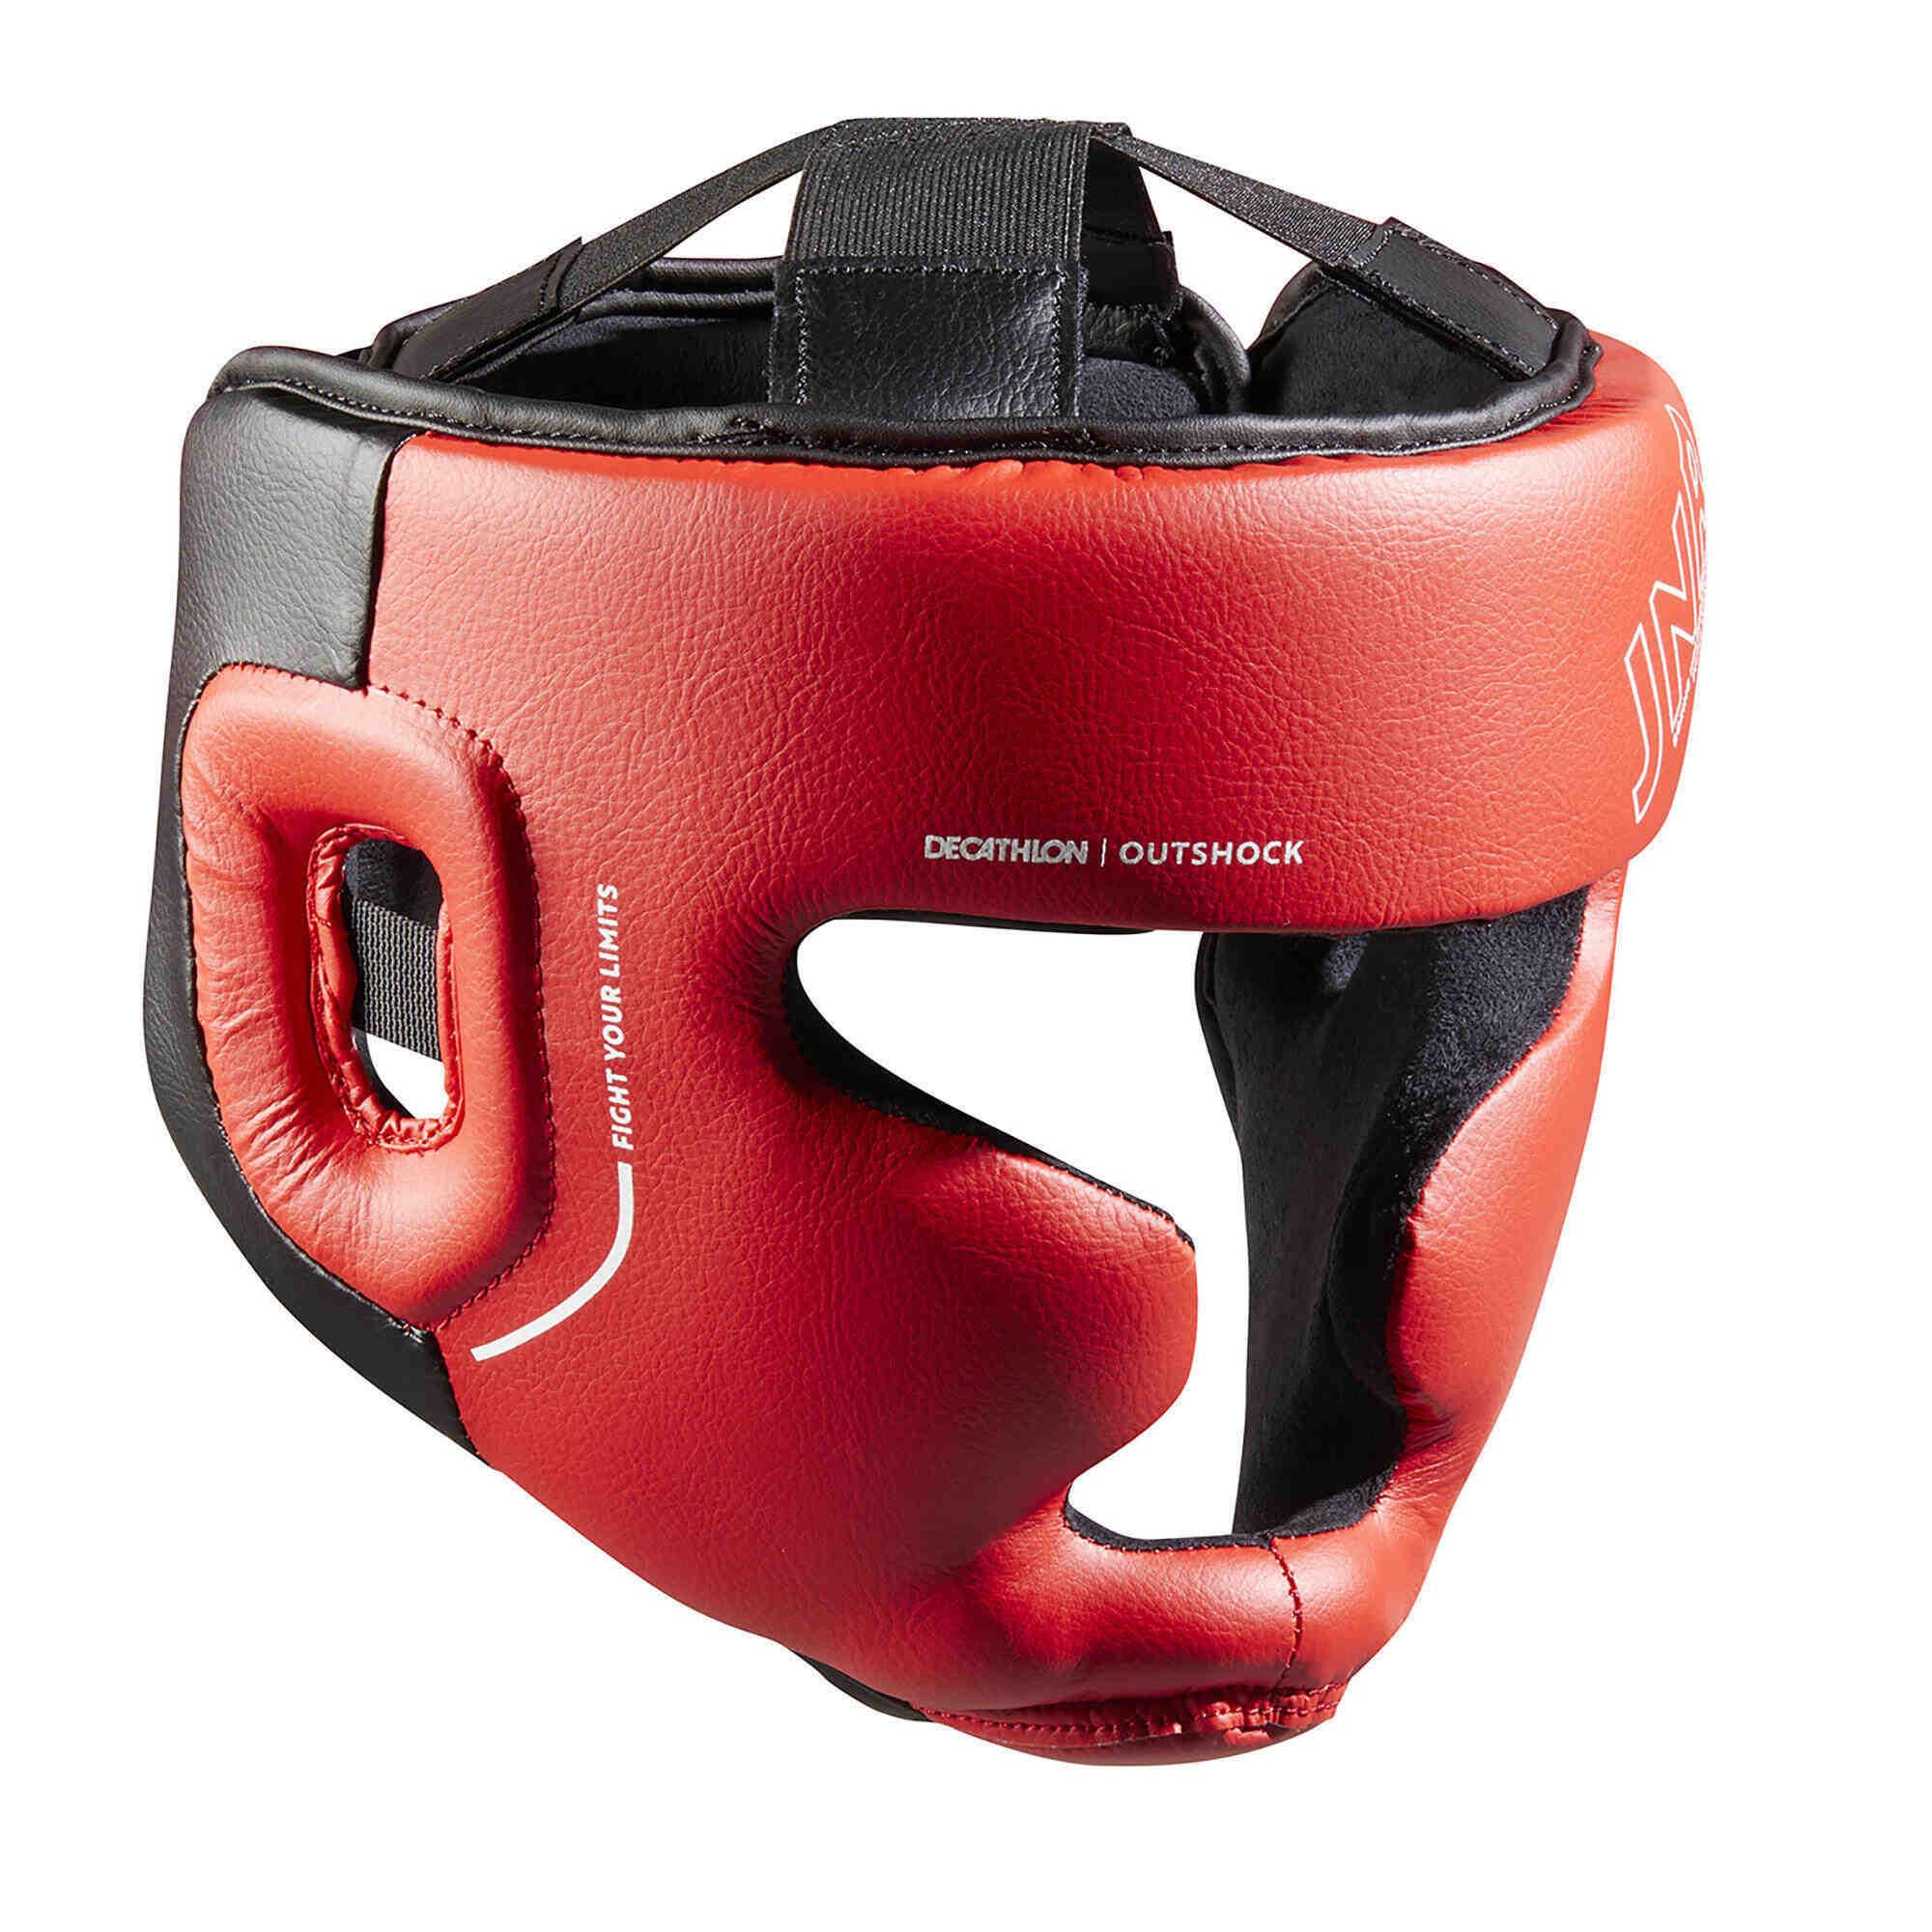 Quel équipement pour la boxe?